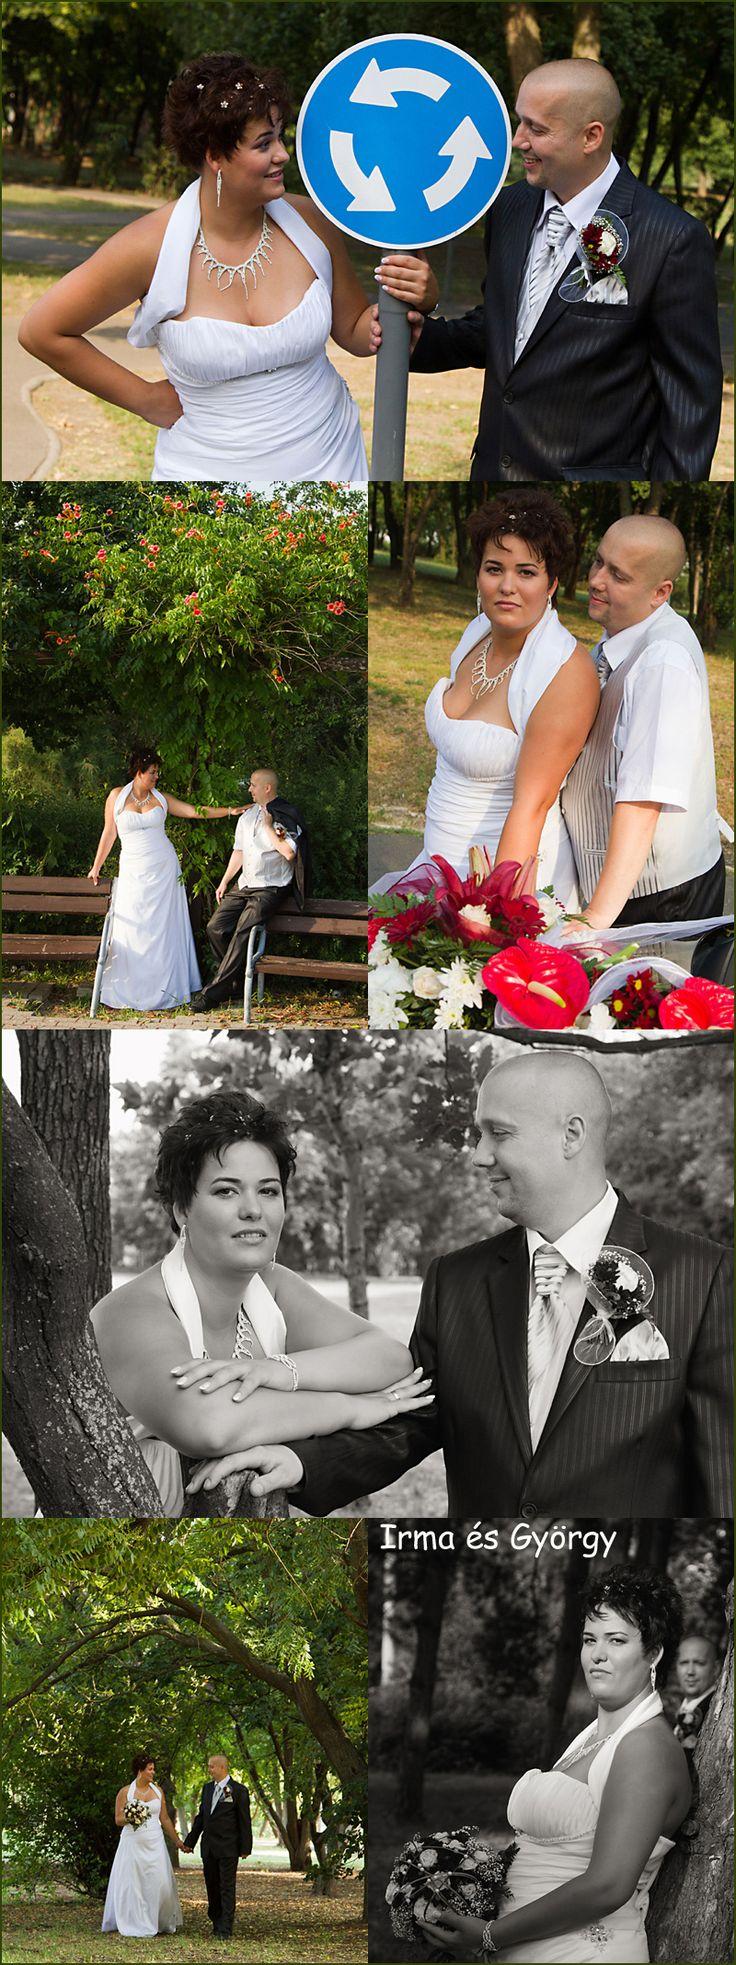 Esküvői fotók Kőbányán  http://www.bodai.hu